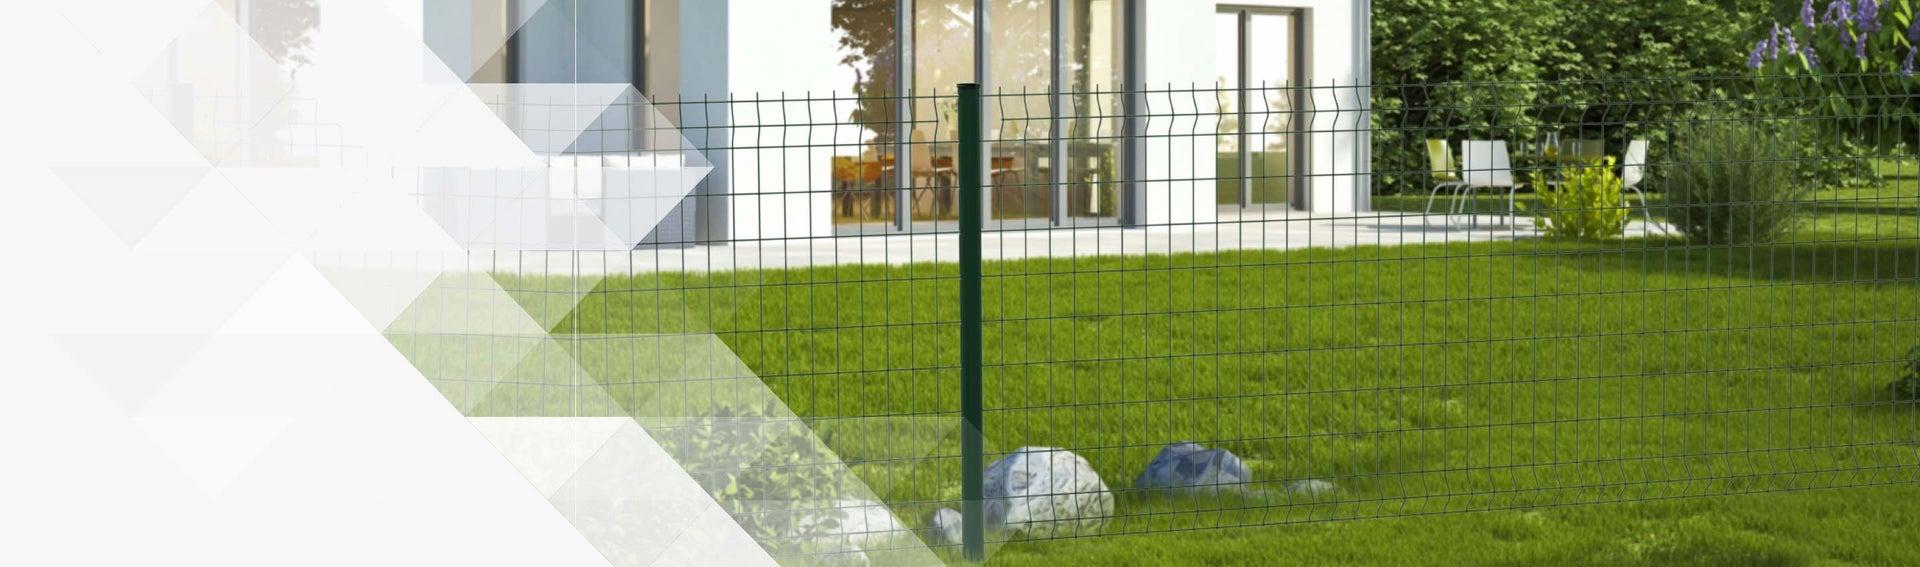 Grillage, canisse, panneau, clôture, brise vue | Leroy Merlin